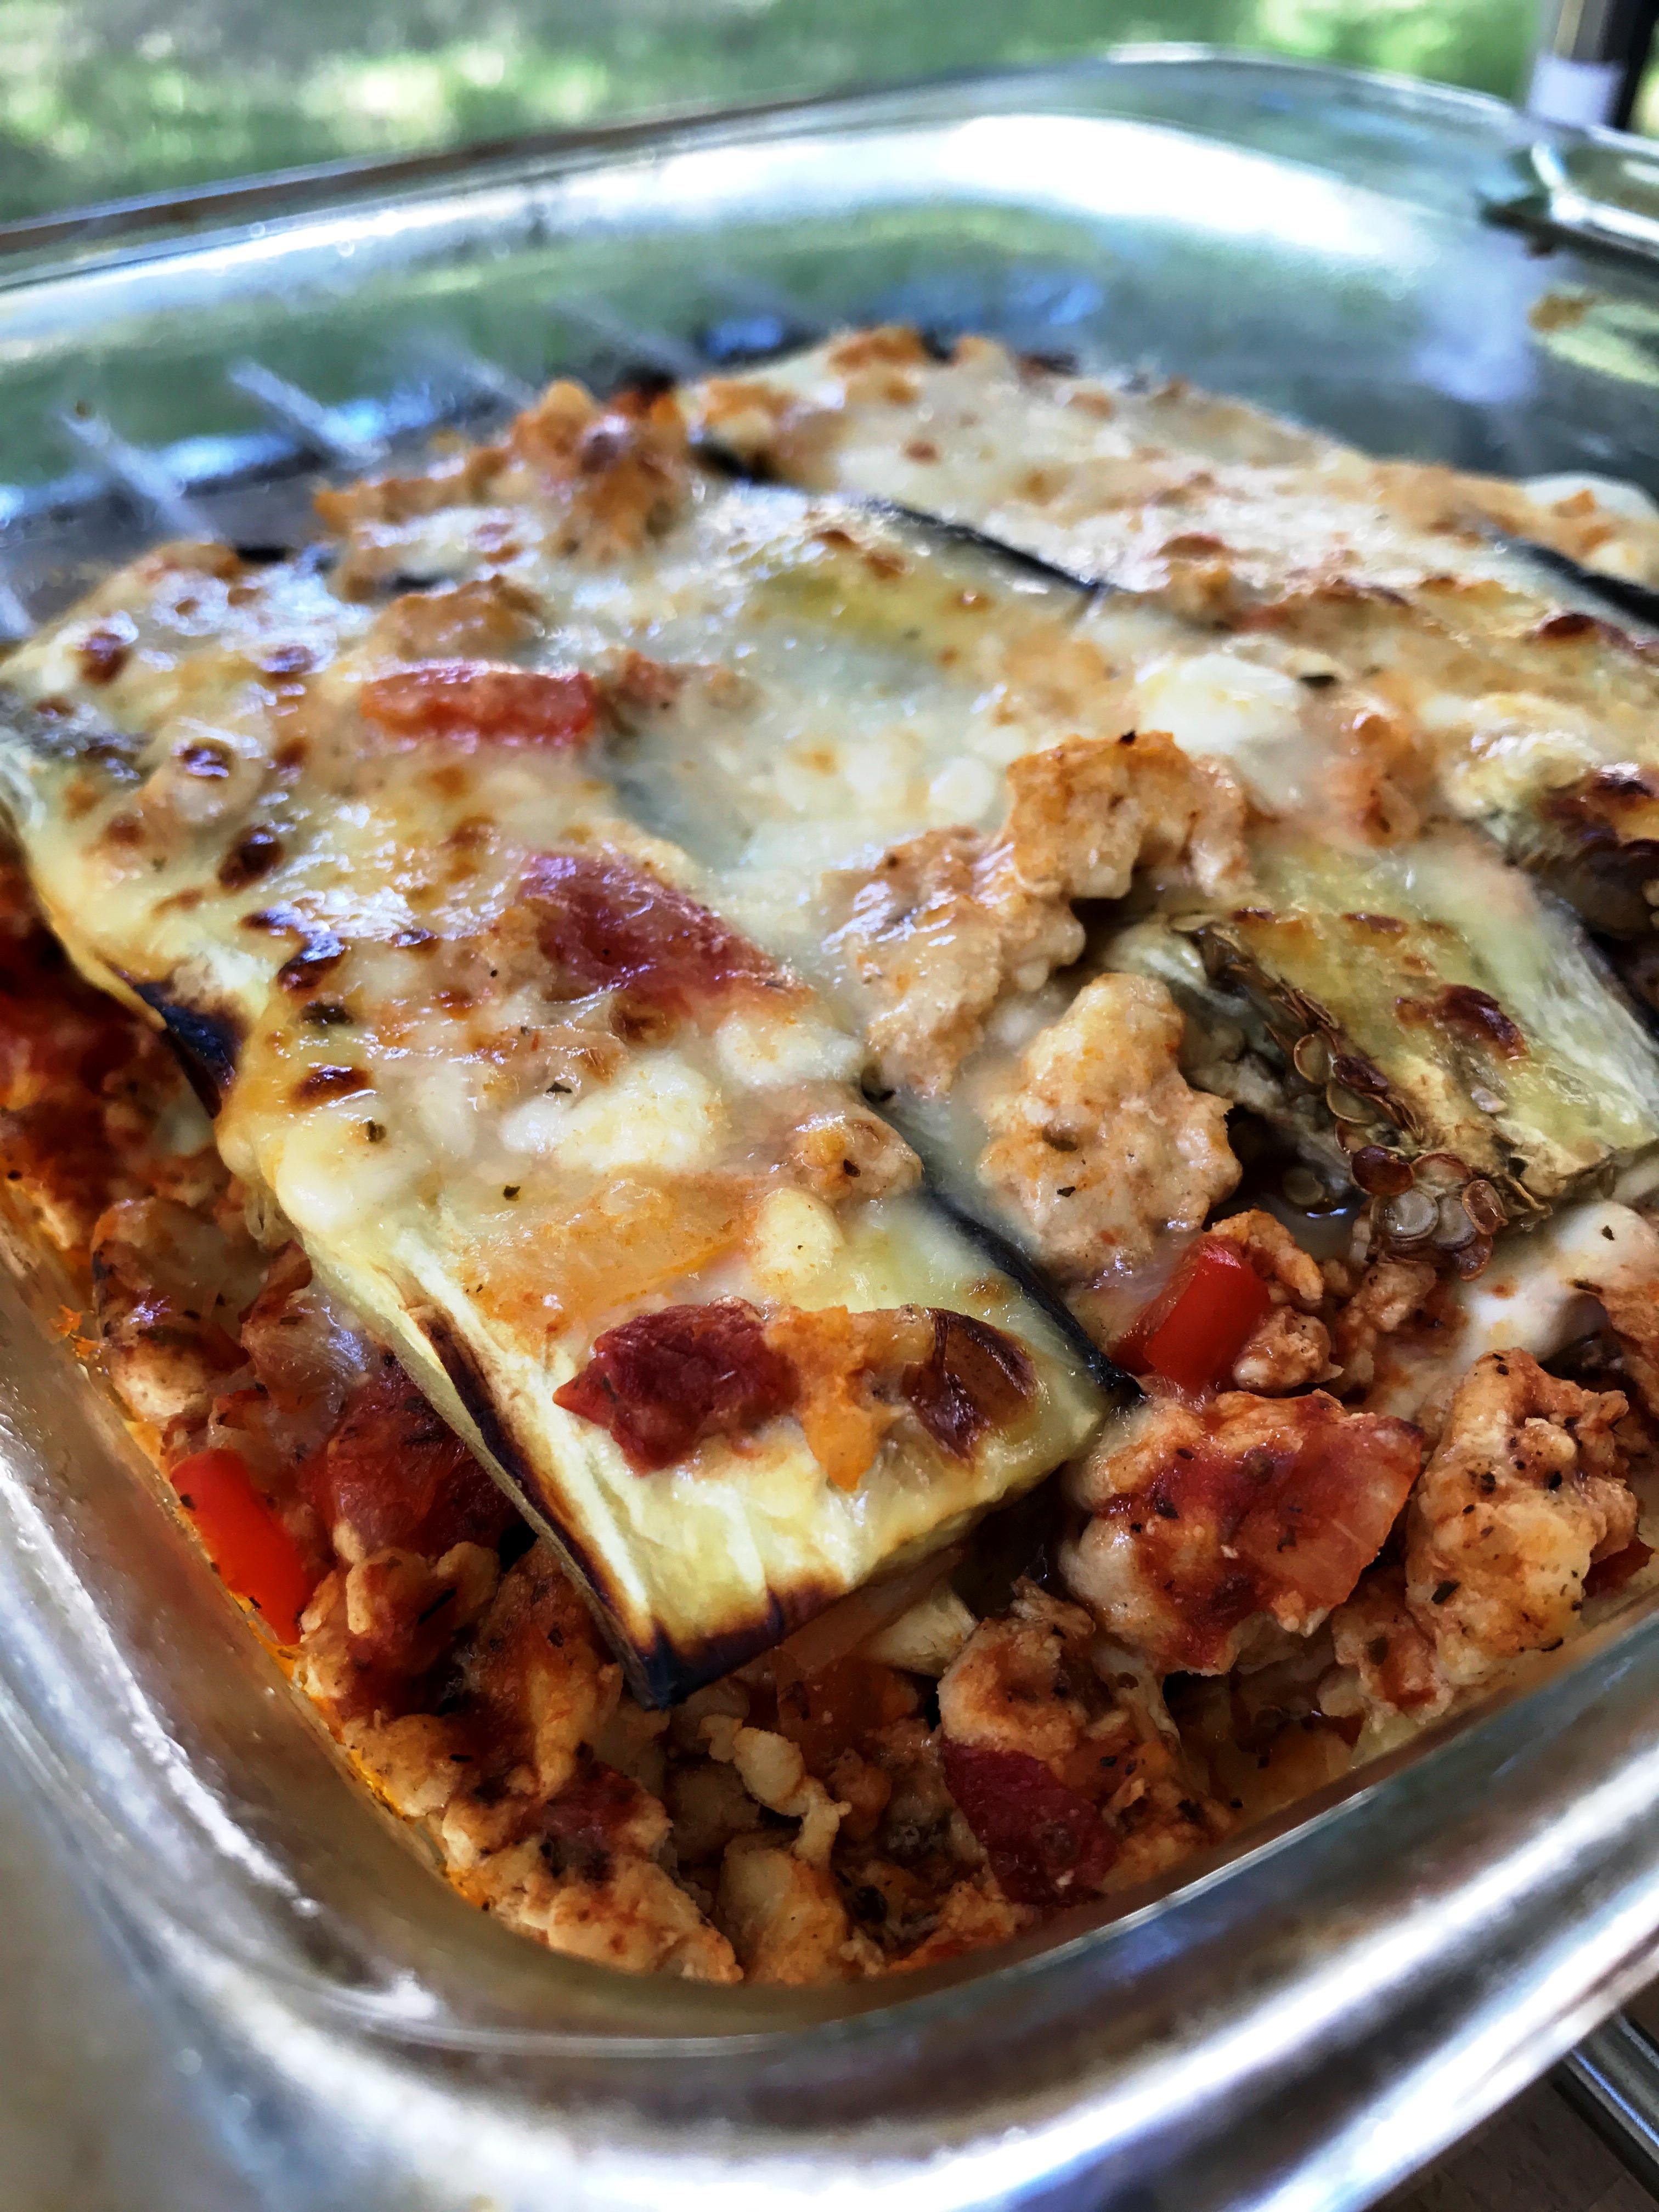 Low Carb Eggplant Recipes  Low Carb Eggplant Lasagna 4U Fitness